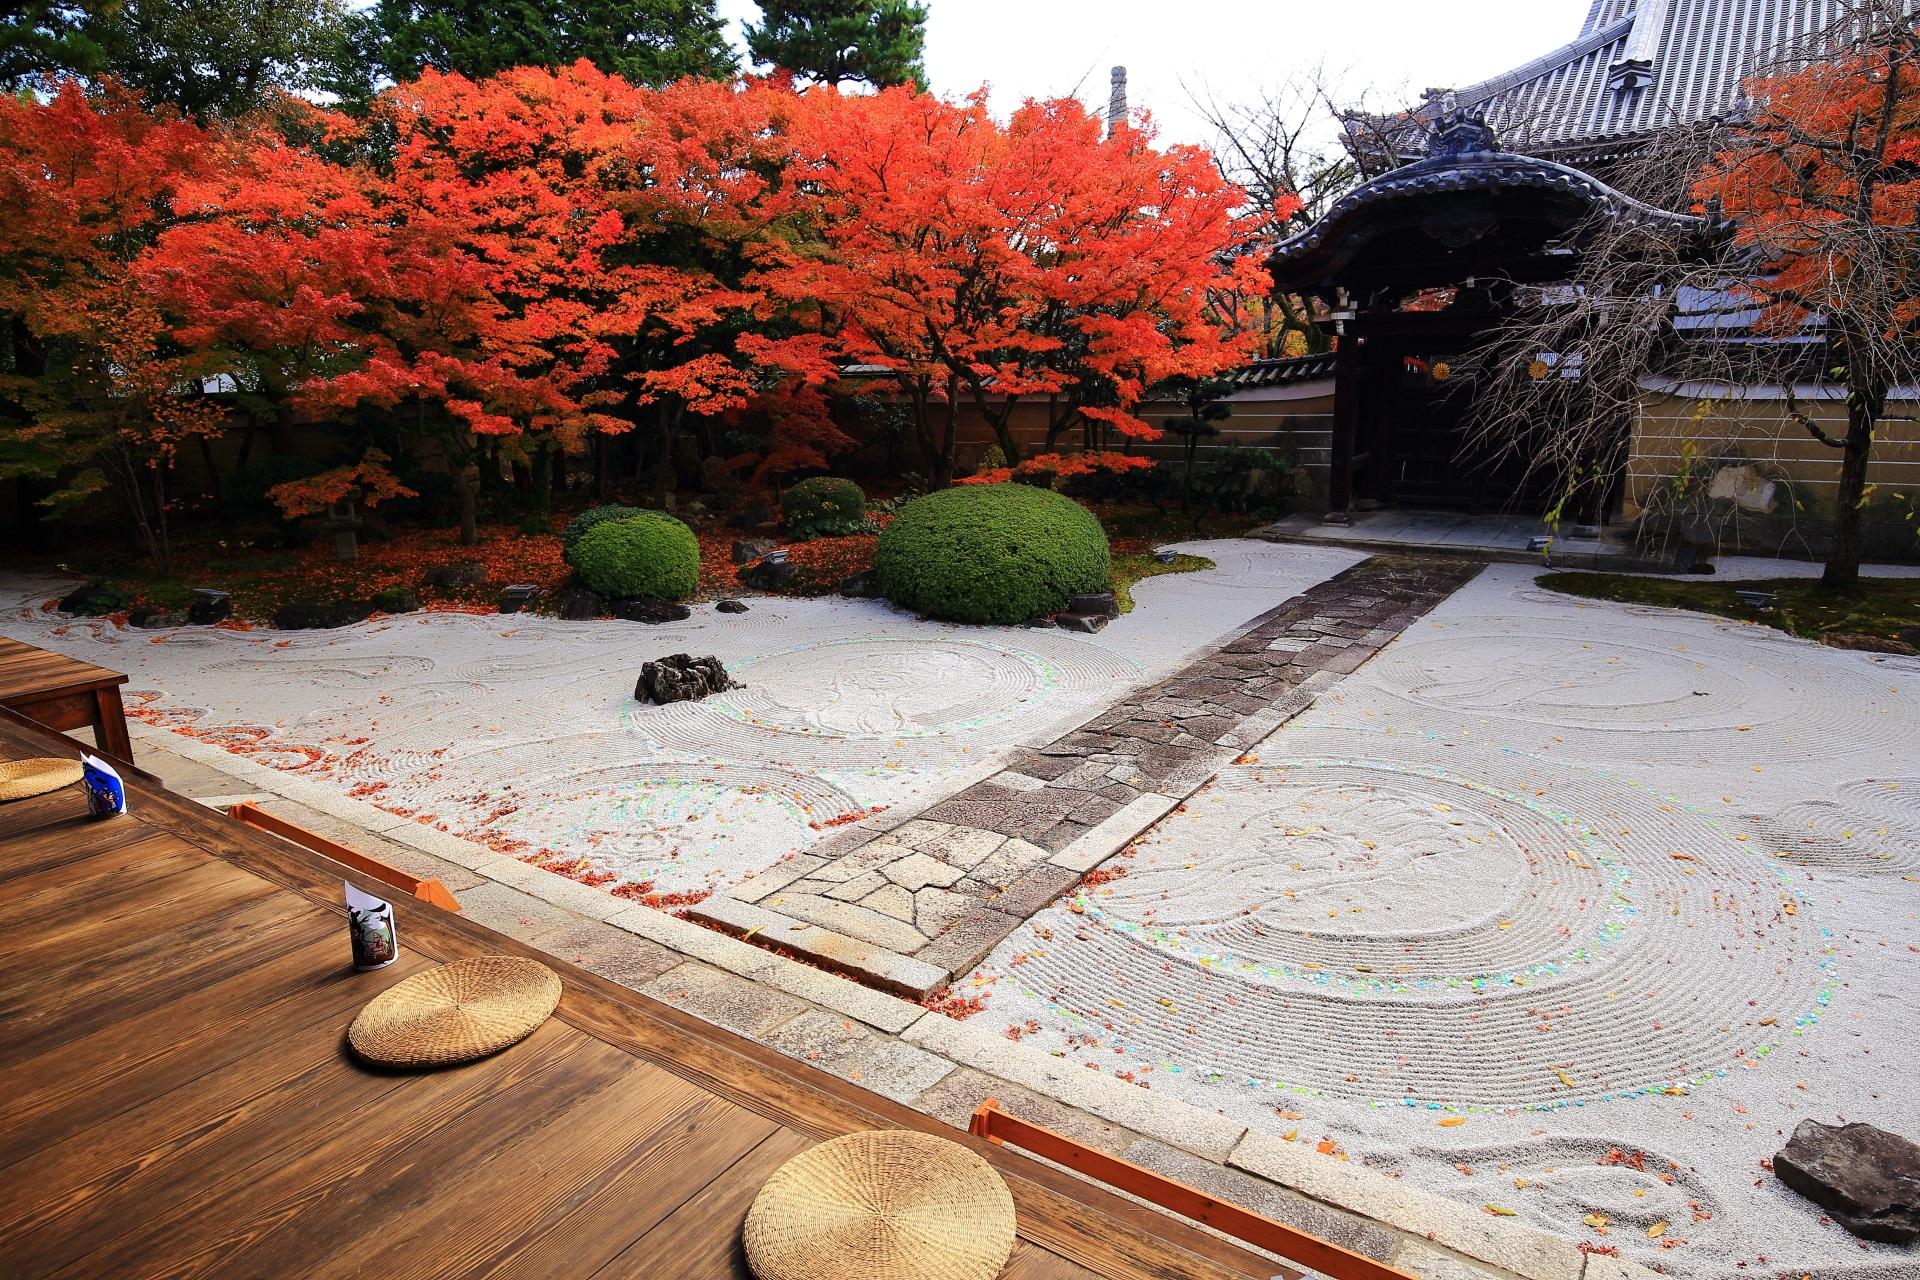 「龍華飛翔の庭(りゅうげひしょうのにわ)」とも呼ばれる妙顕寺の四海唱導の庭